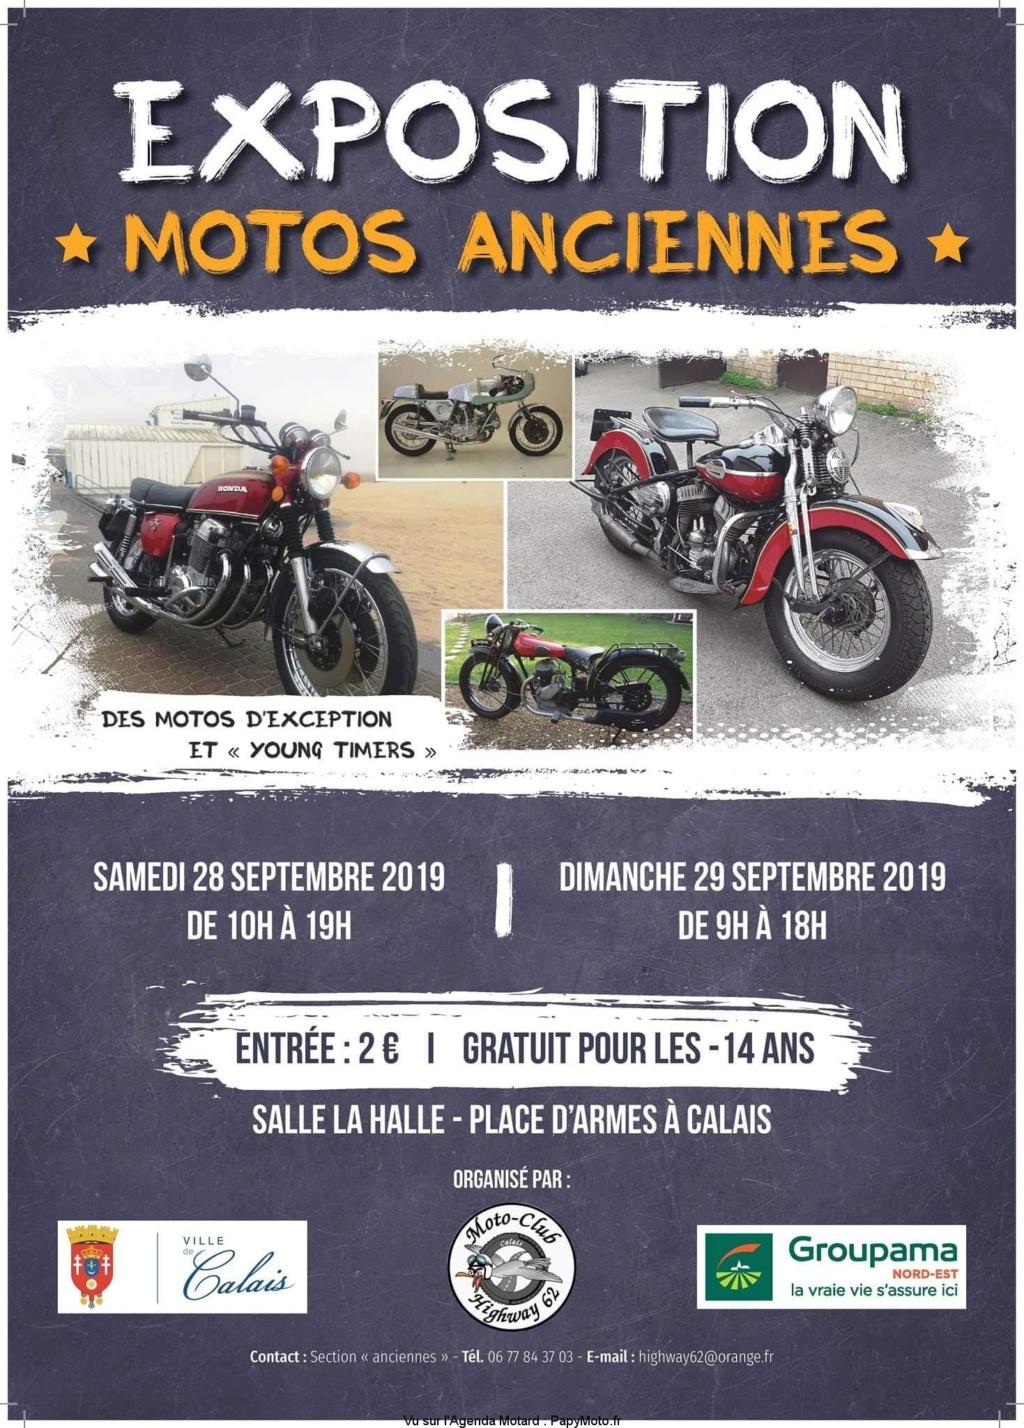 MANIFESTATION - Expo - 28 & 29 Septembre 2019 - Calais  Exposi12